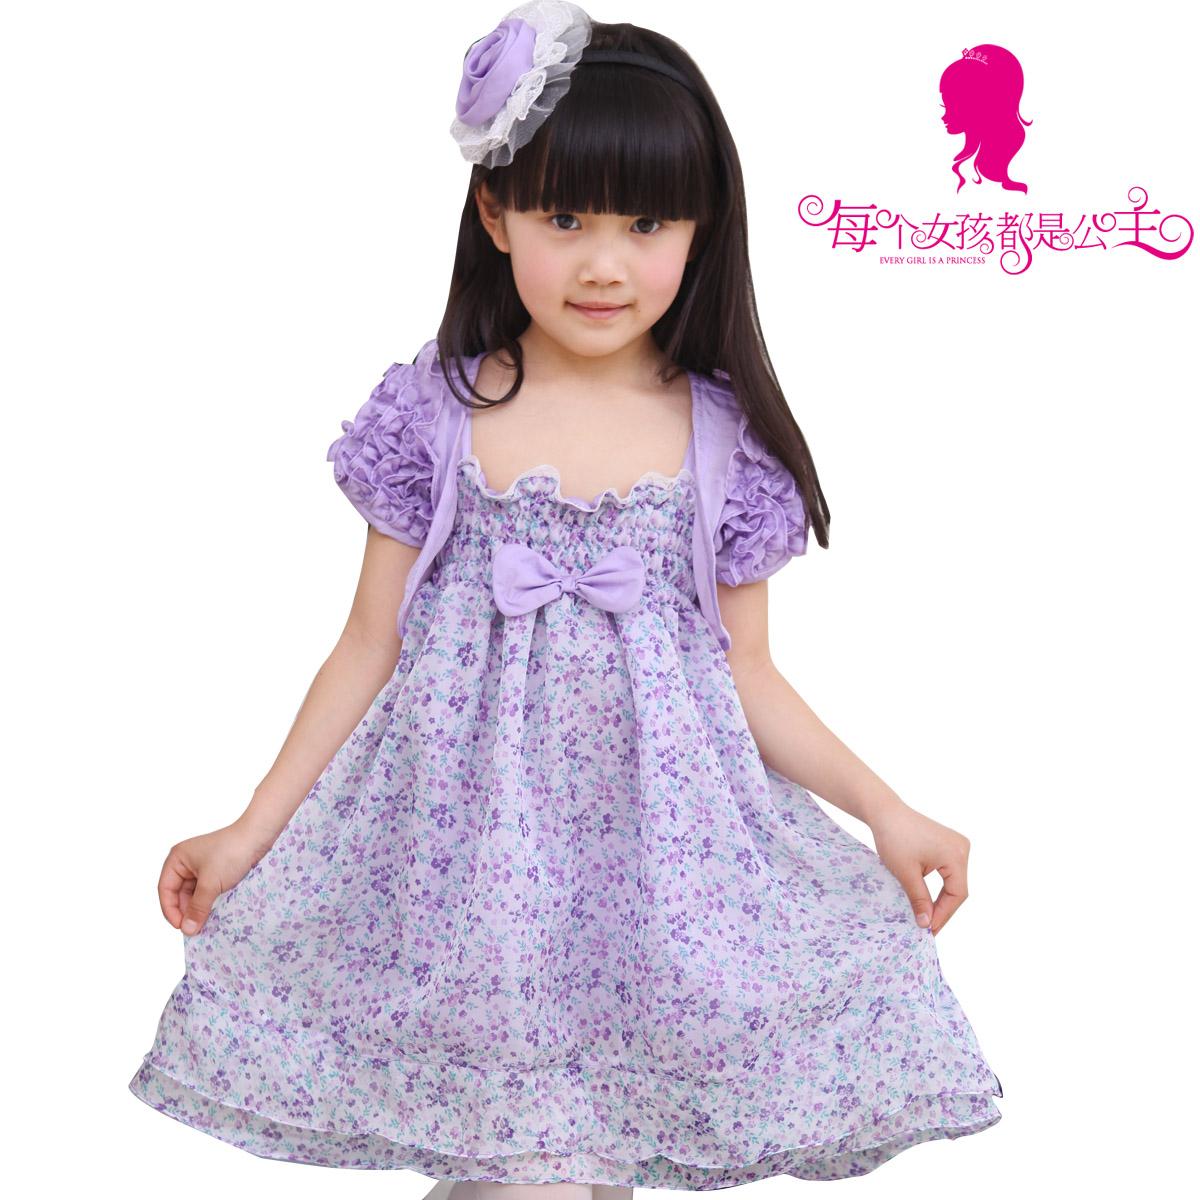 детское платье DEESHA 2011071 Лето